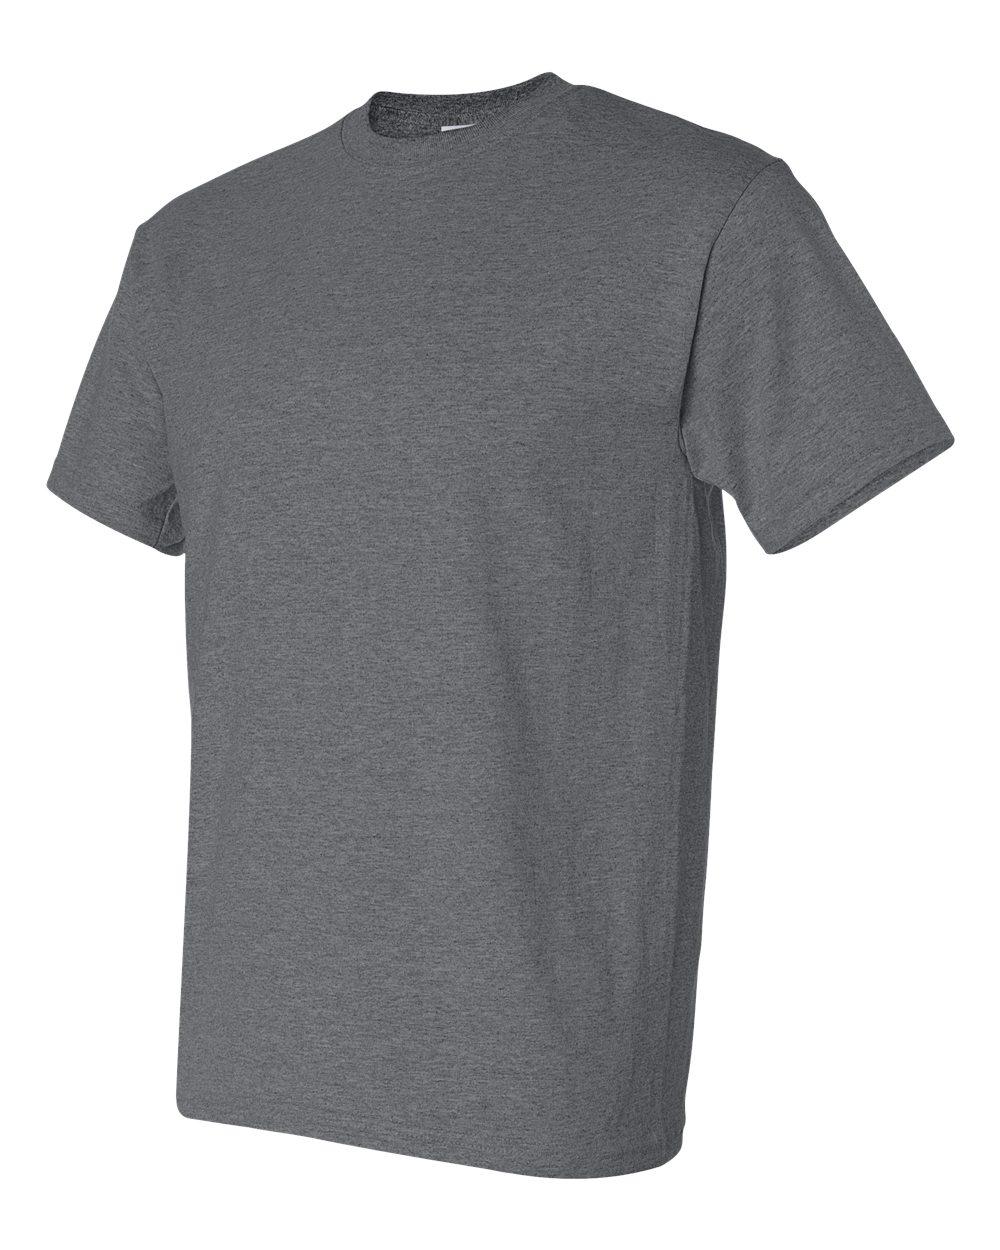 Gildan-Mens-DryBlend-5-6-oz-50-50-T-Shirt-G800-Size-S-5XL thumbnail 20